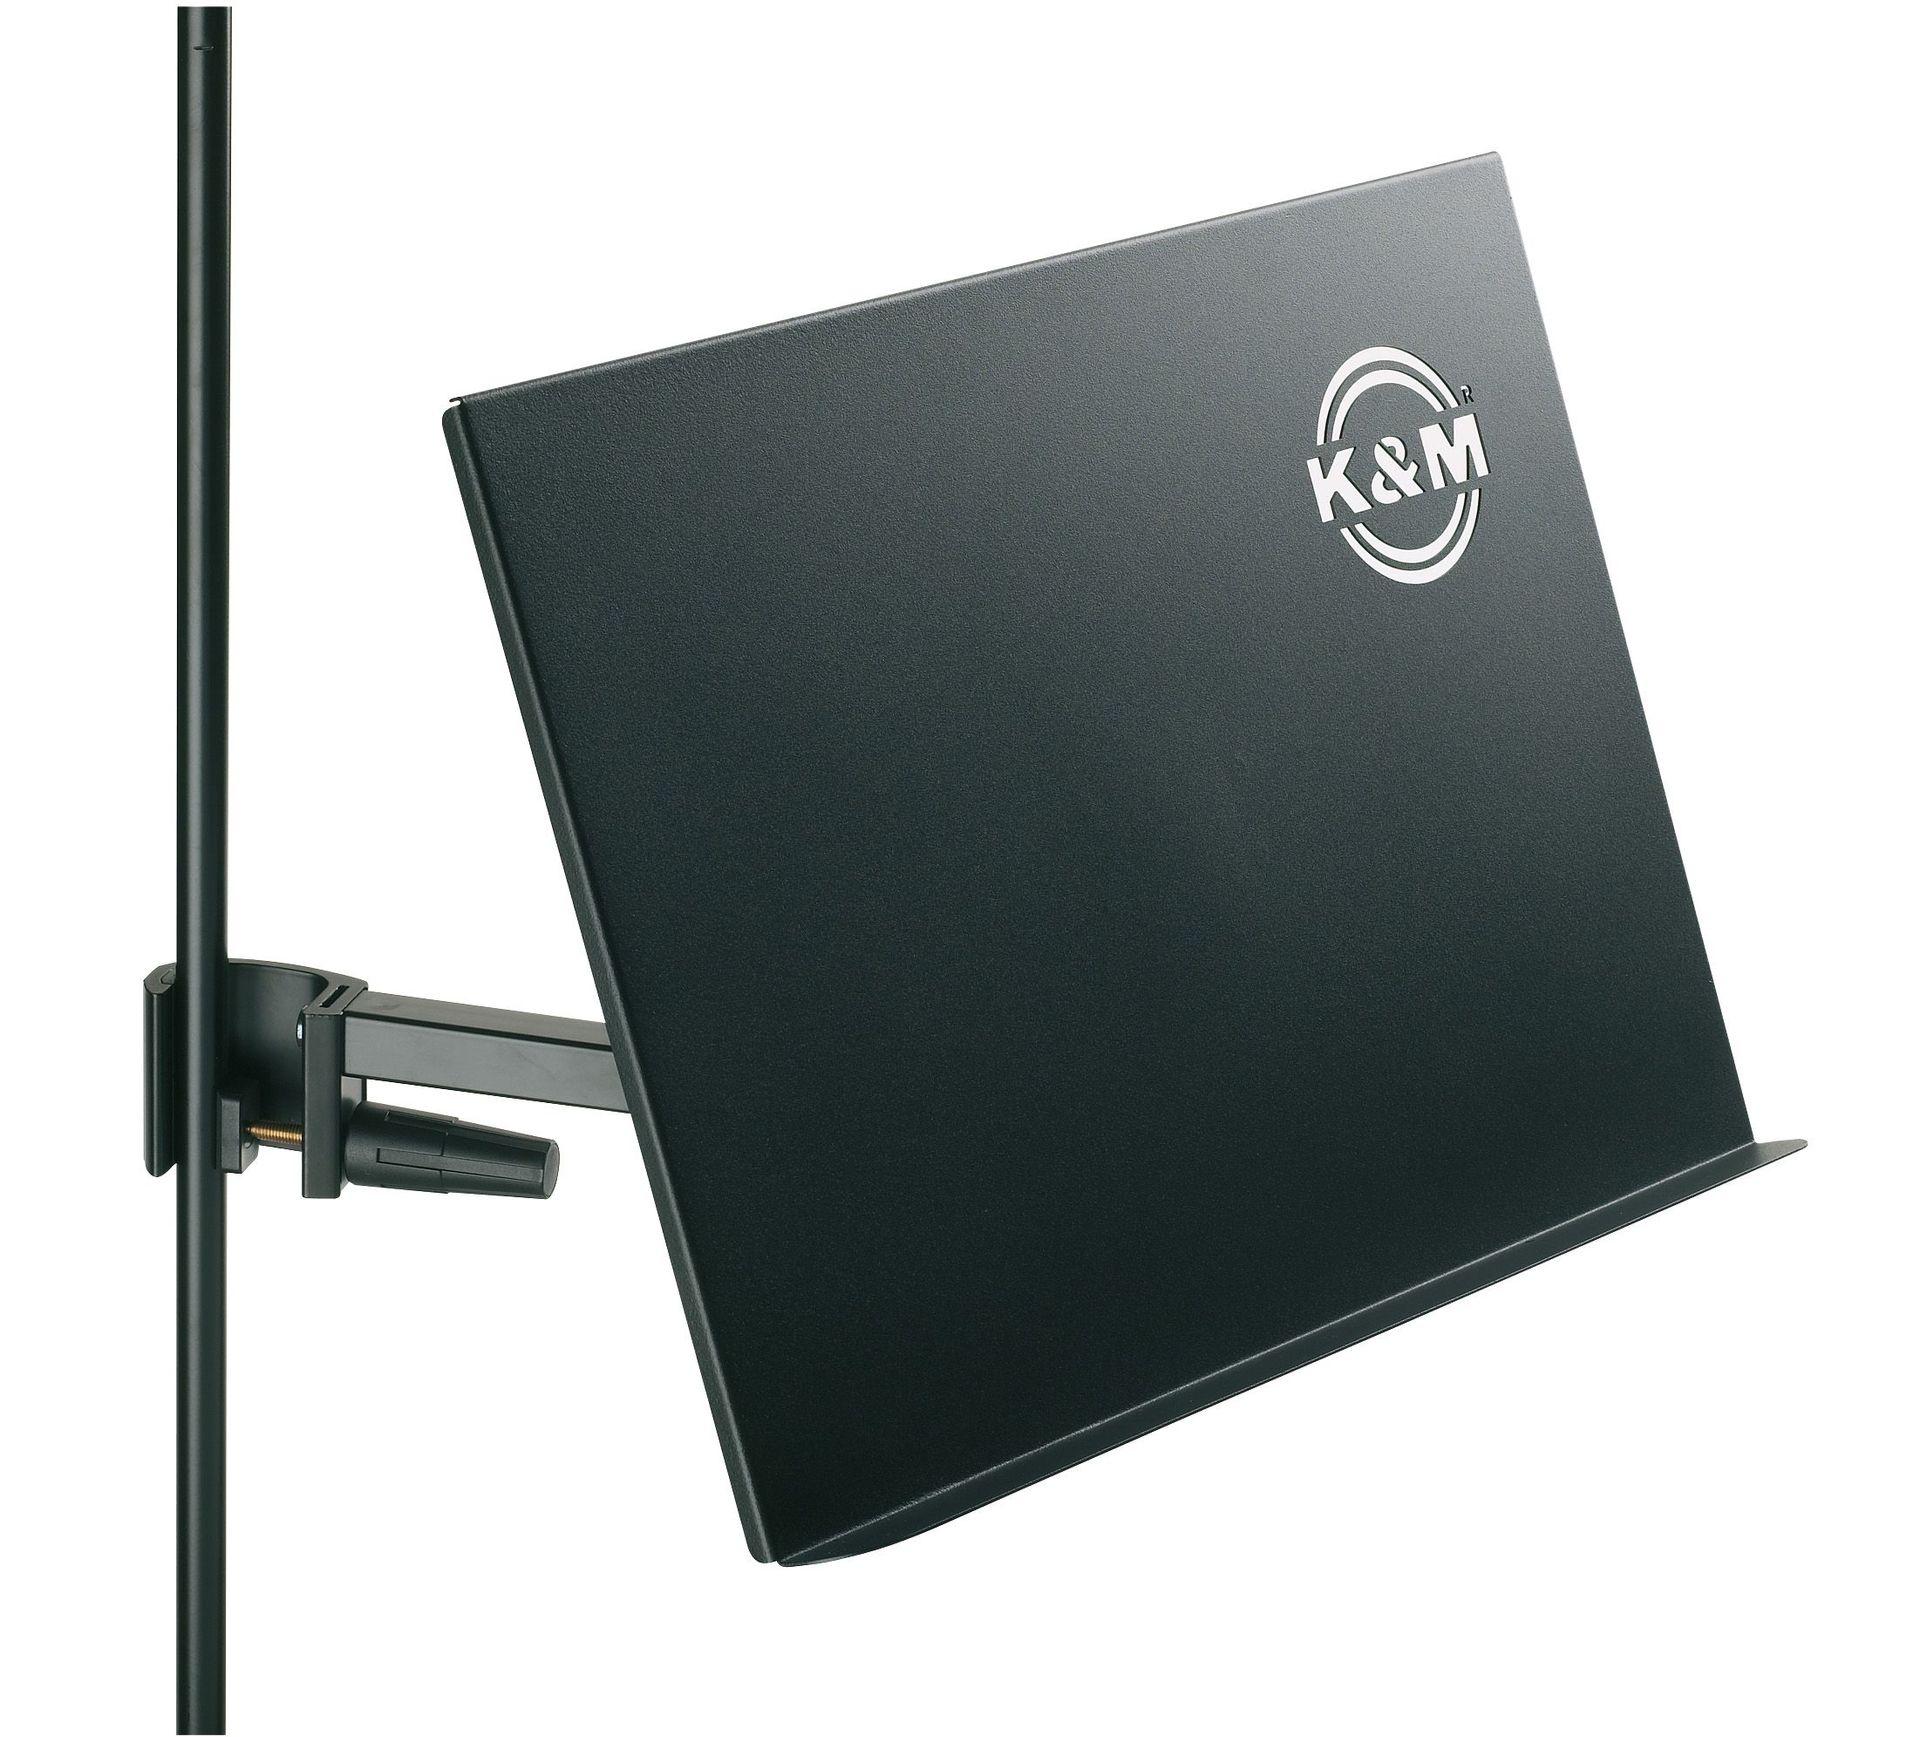 K&M 11540 große Notenablage 42x30x3cm - Mikrofonständer/Notenpulte Konzepthalter